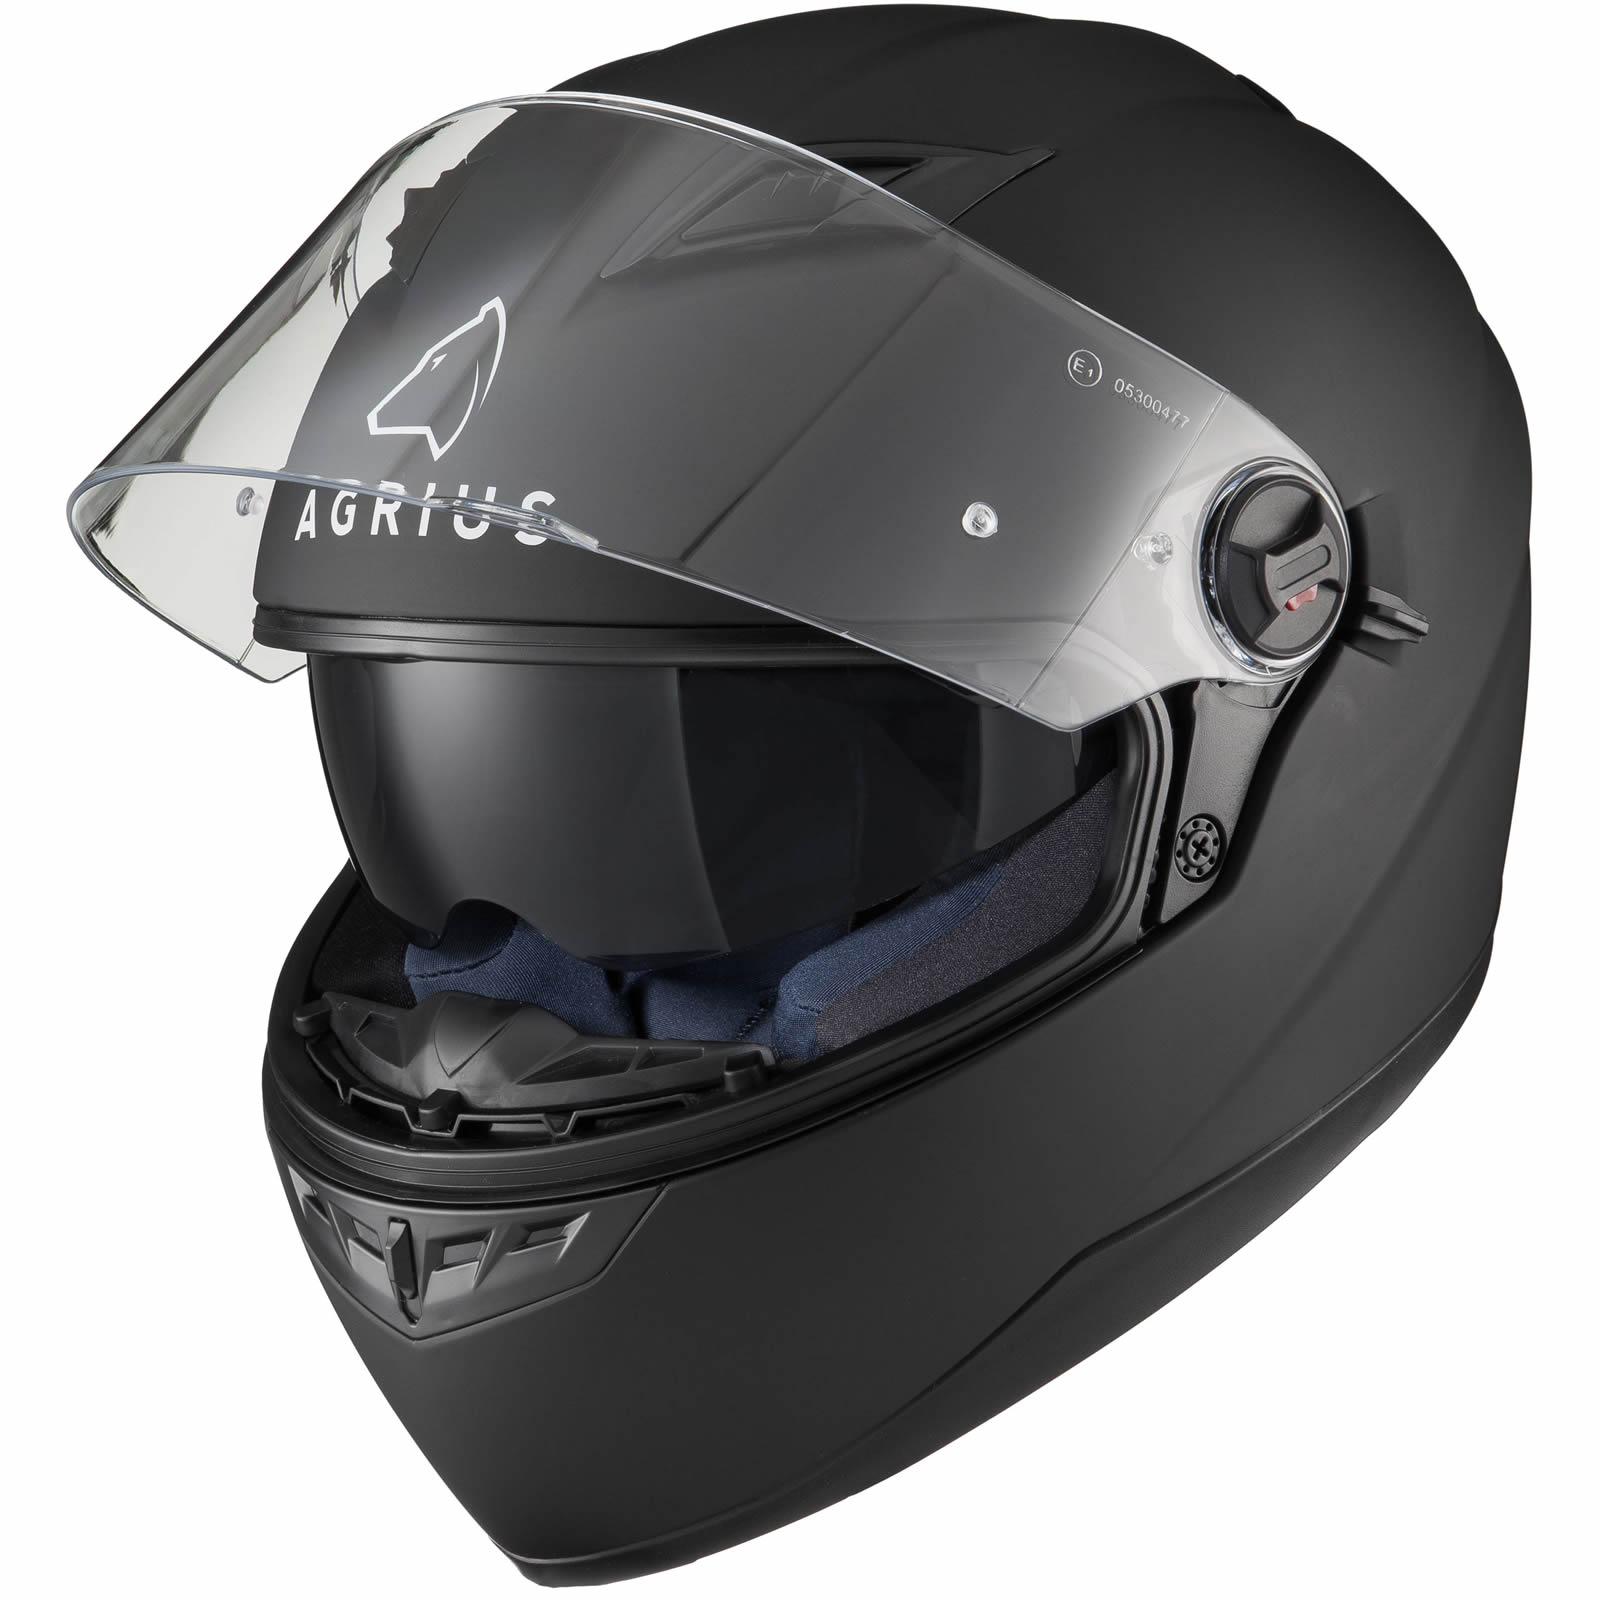 Agrius Rage Sv Solid Full Face Motorcycle Helmet Motorbike Inner